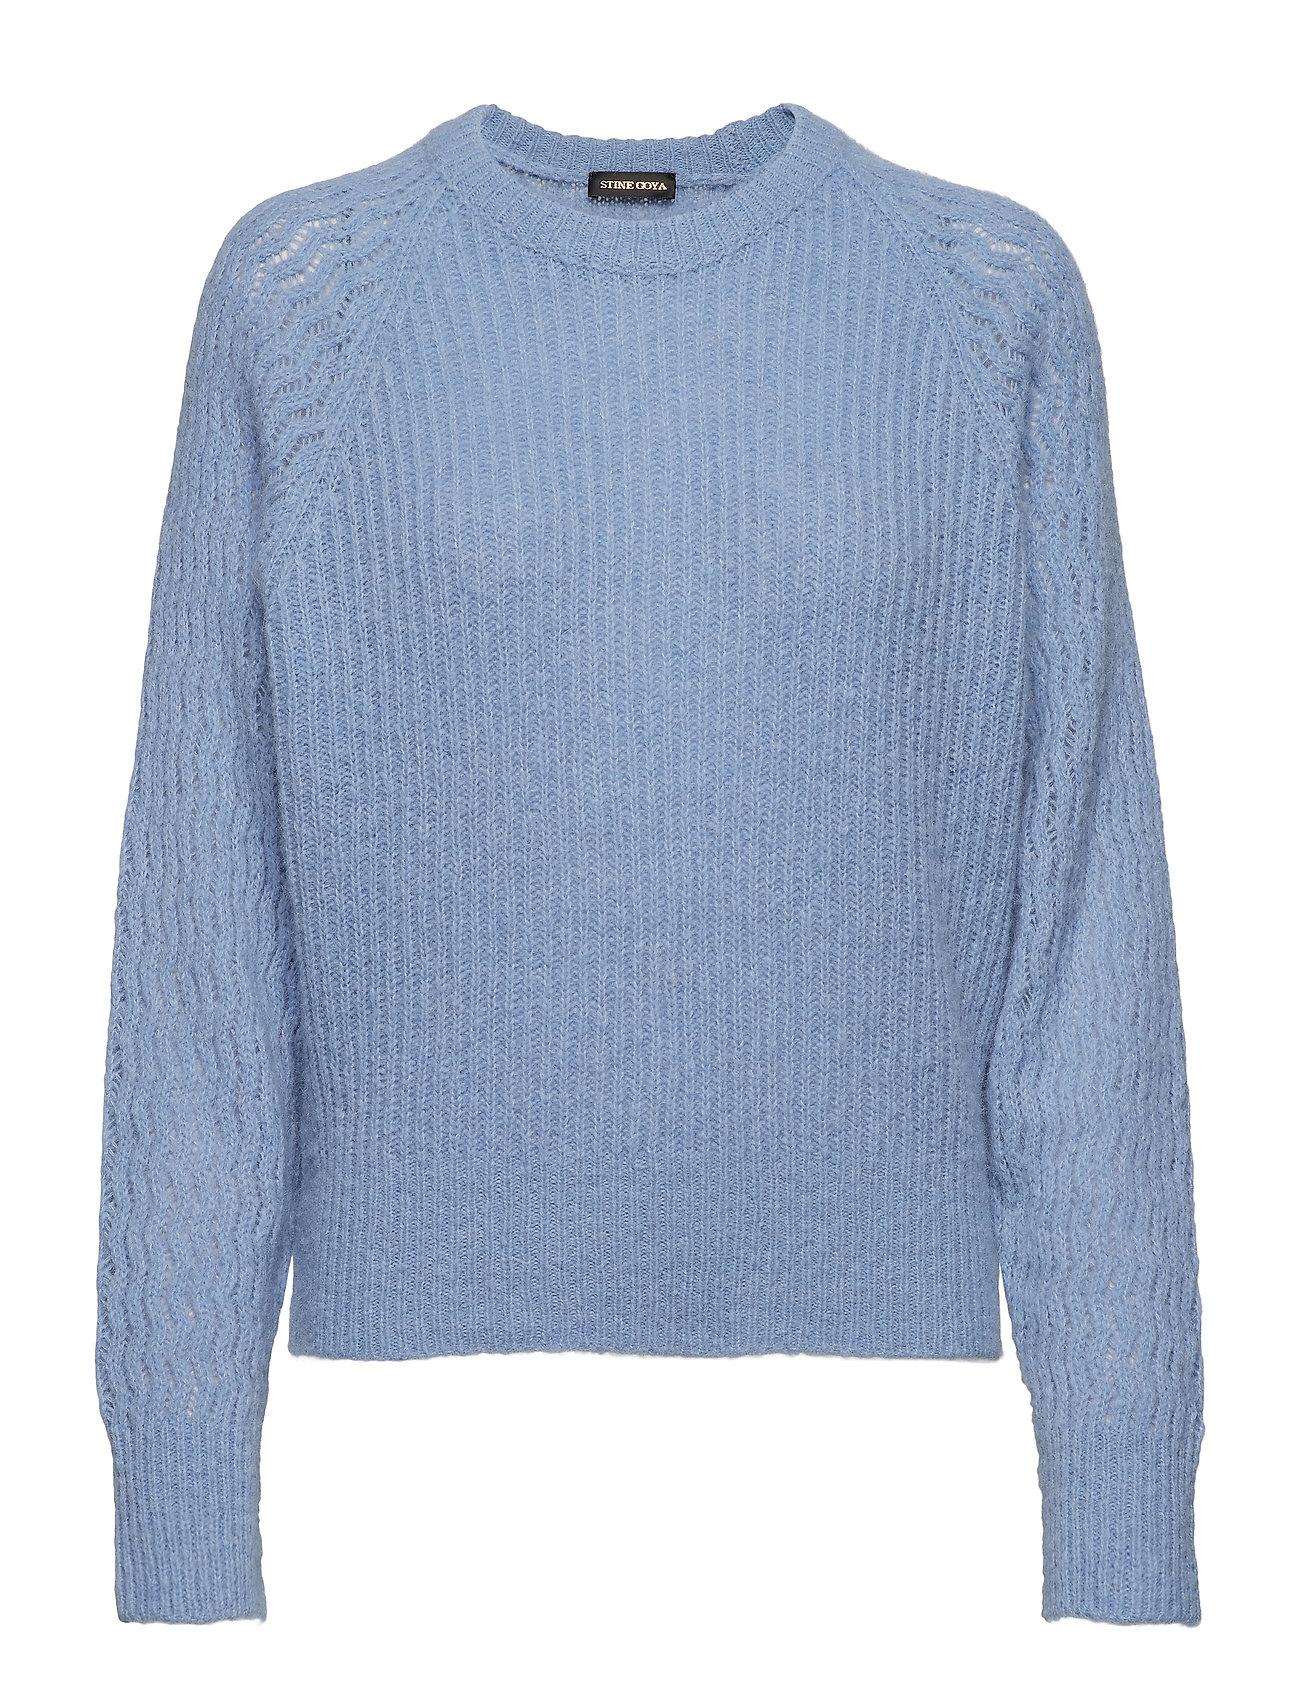 STINE GOYA Jack, 583 Fluffy Knit